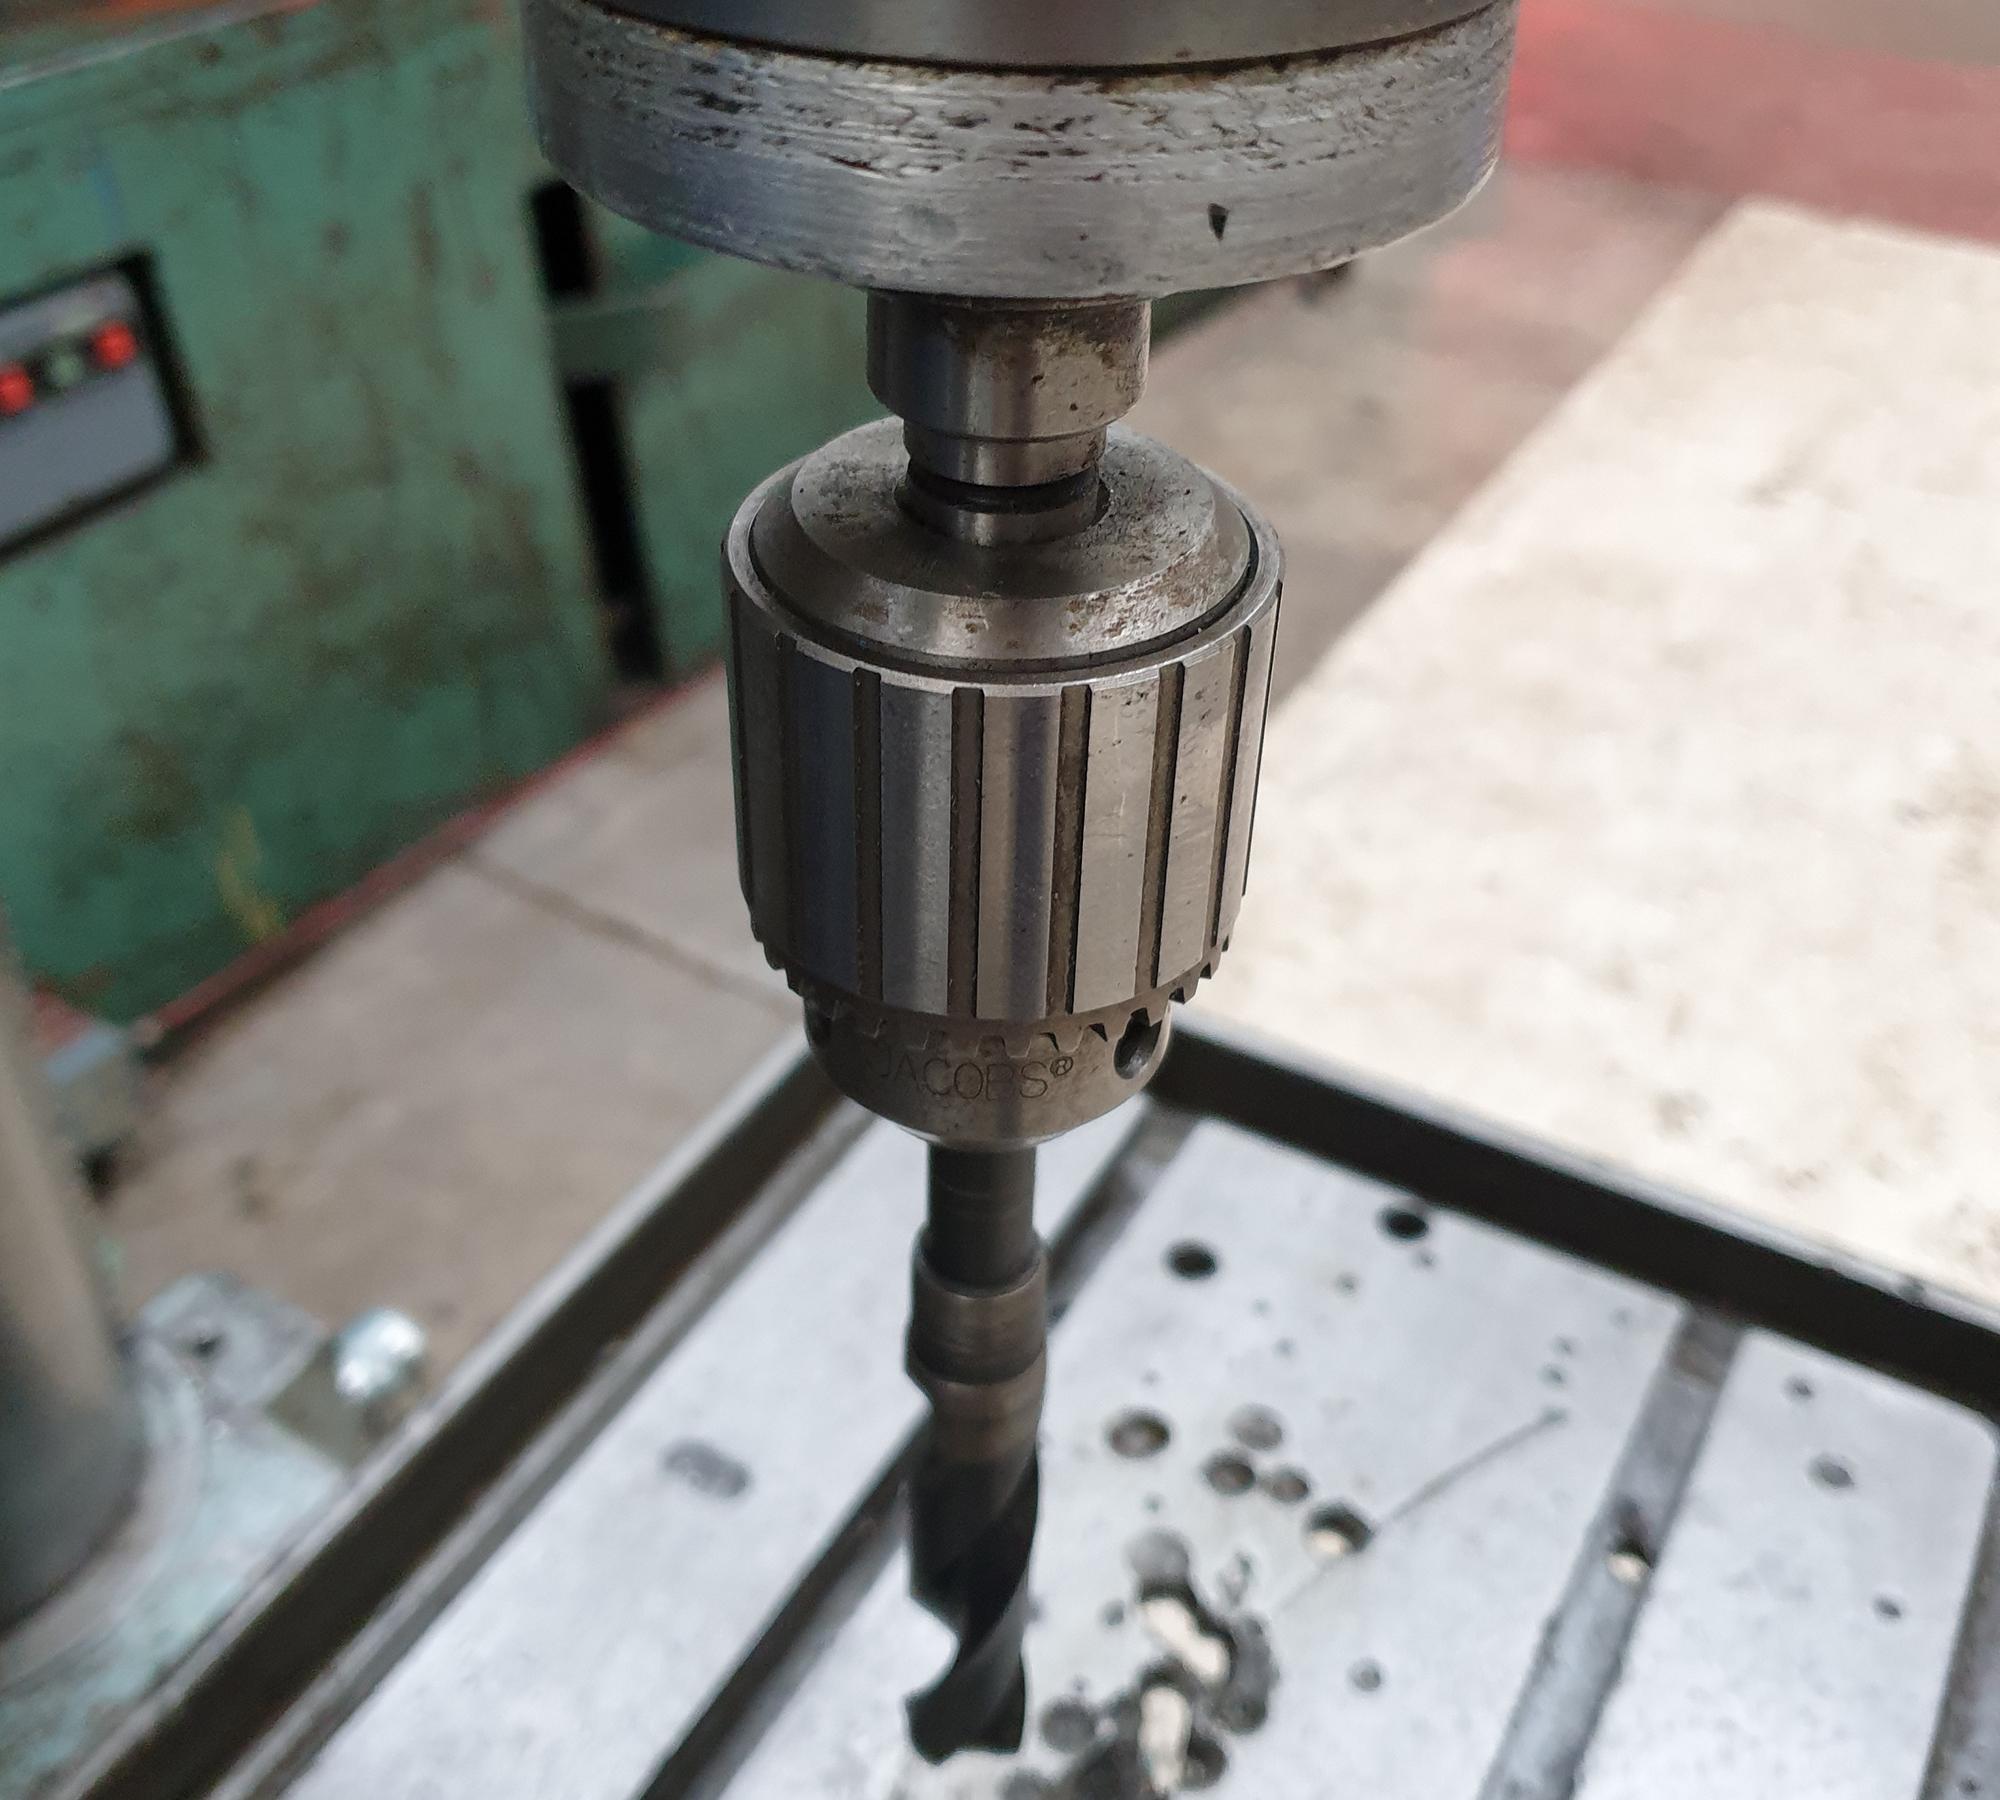 Meddings S68 Gear Head Drill. - Image 6 of 6